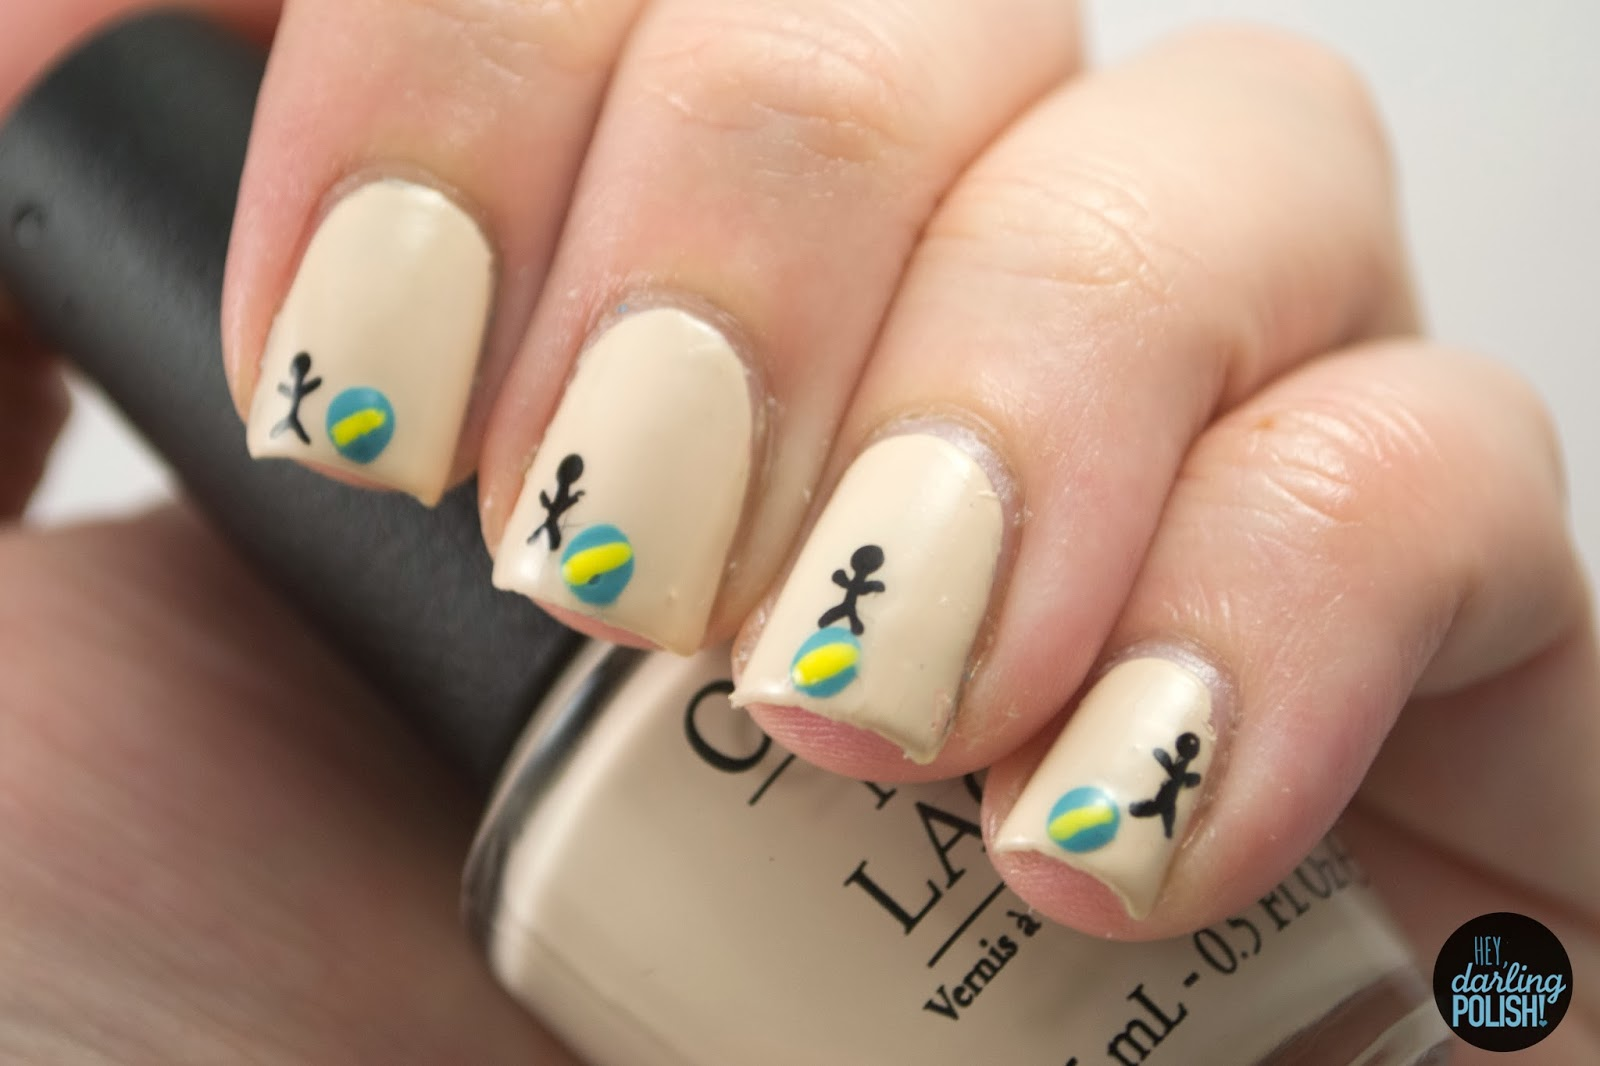 nails, nail art, nail polish, polish, animation, nail art a go go, hey darling polish